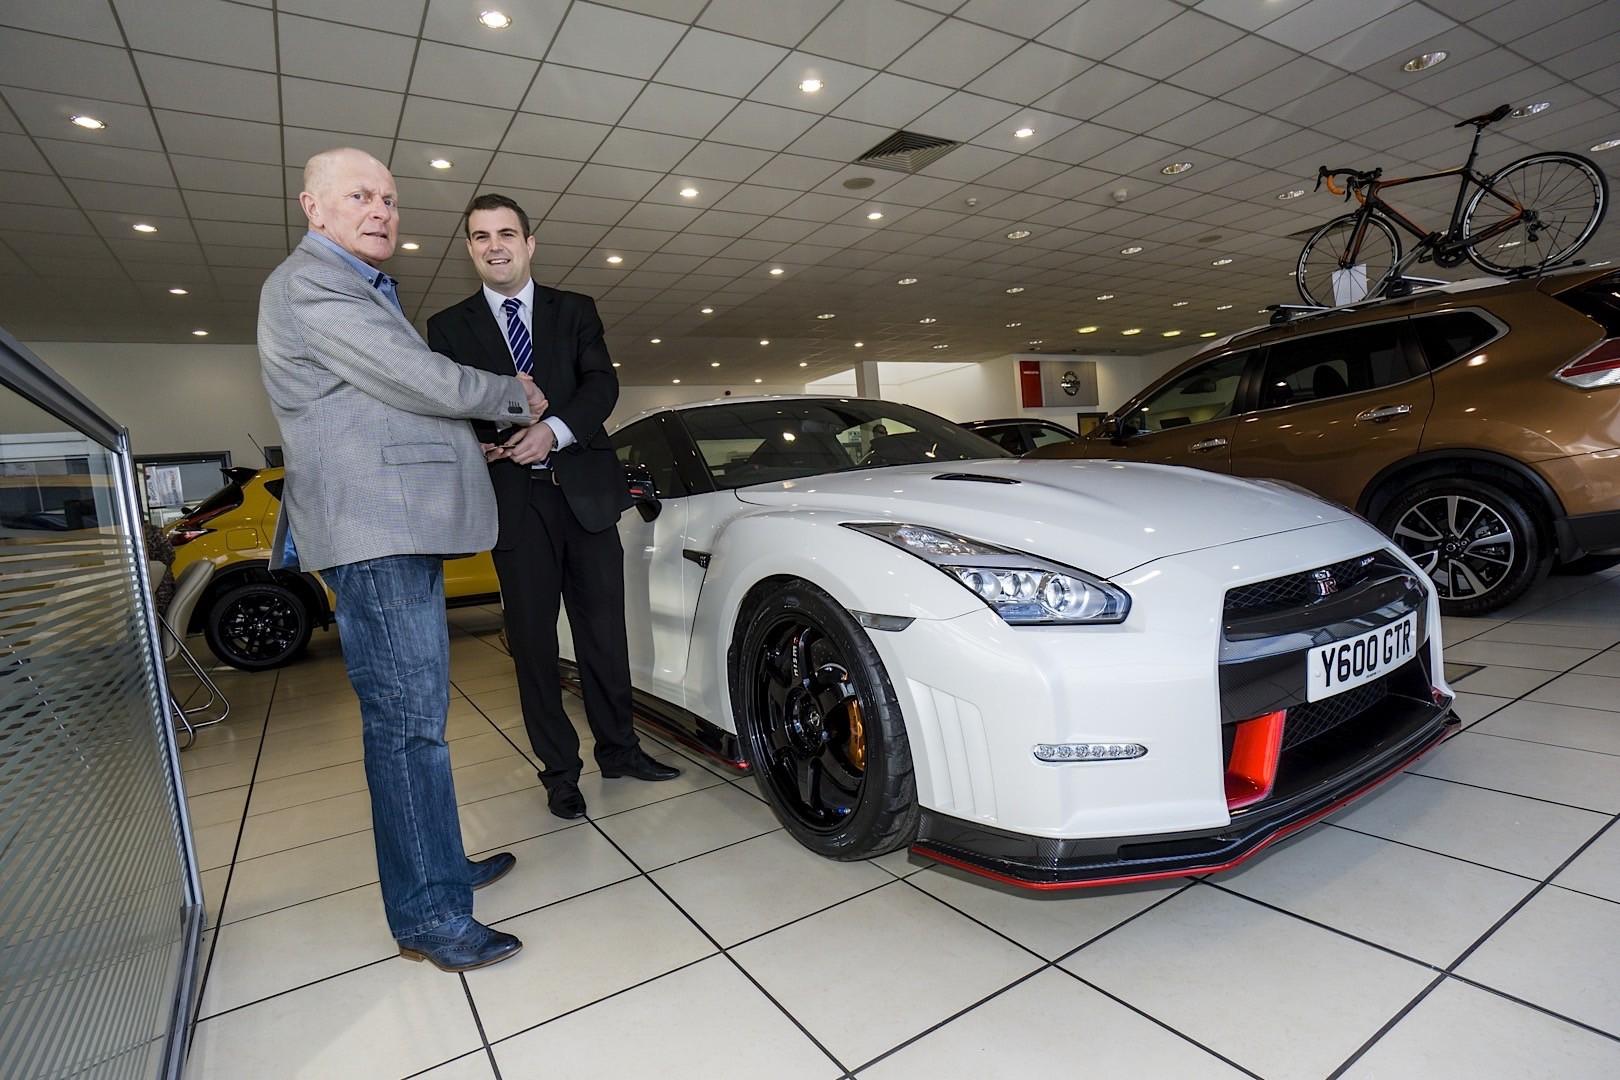 ... Nissan GT-R Nismo UK Client handover ...